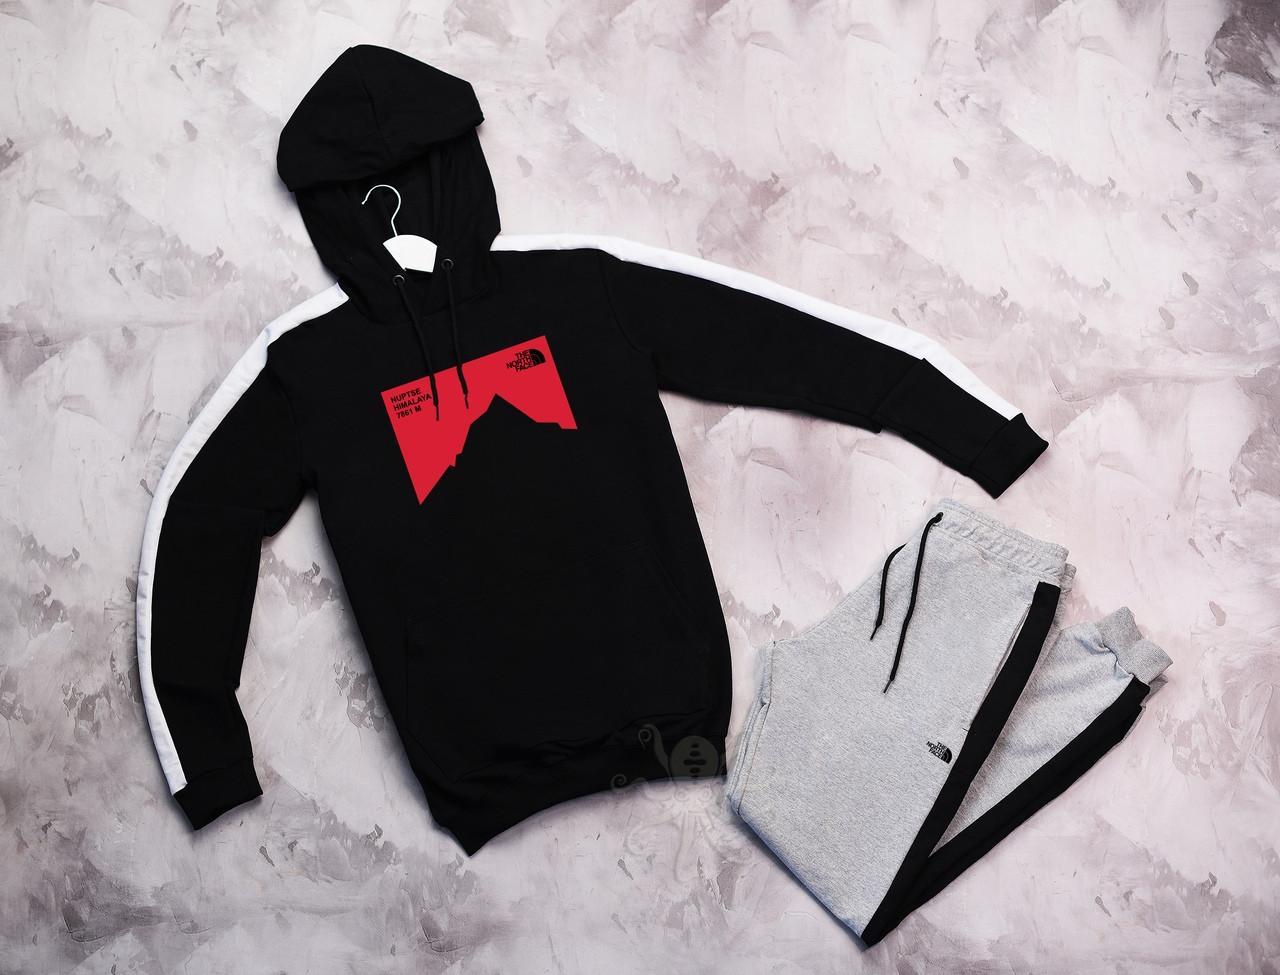 The North Face мужской черный с лампасами спортивный костюм с капюшоном весна осень.North Face худи +штаны